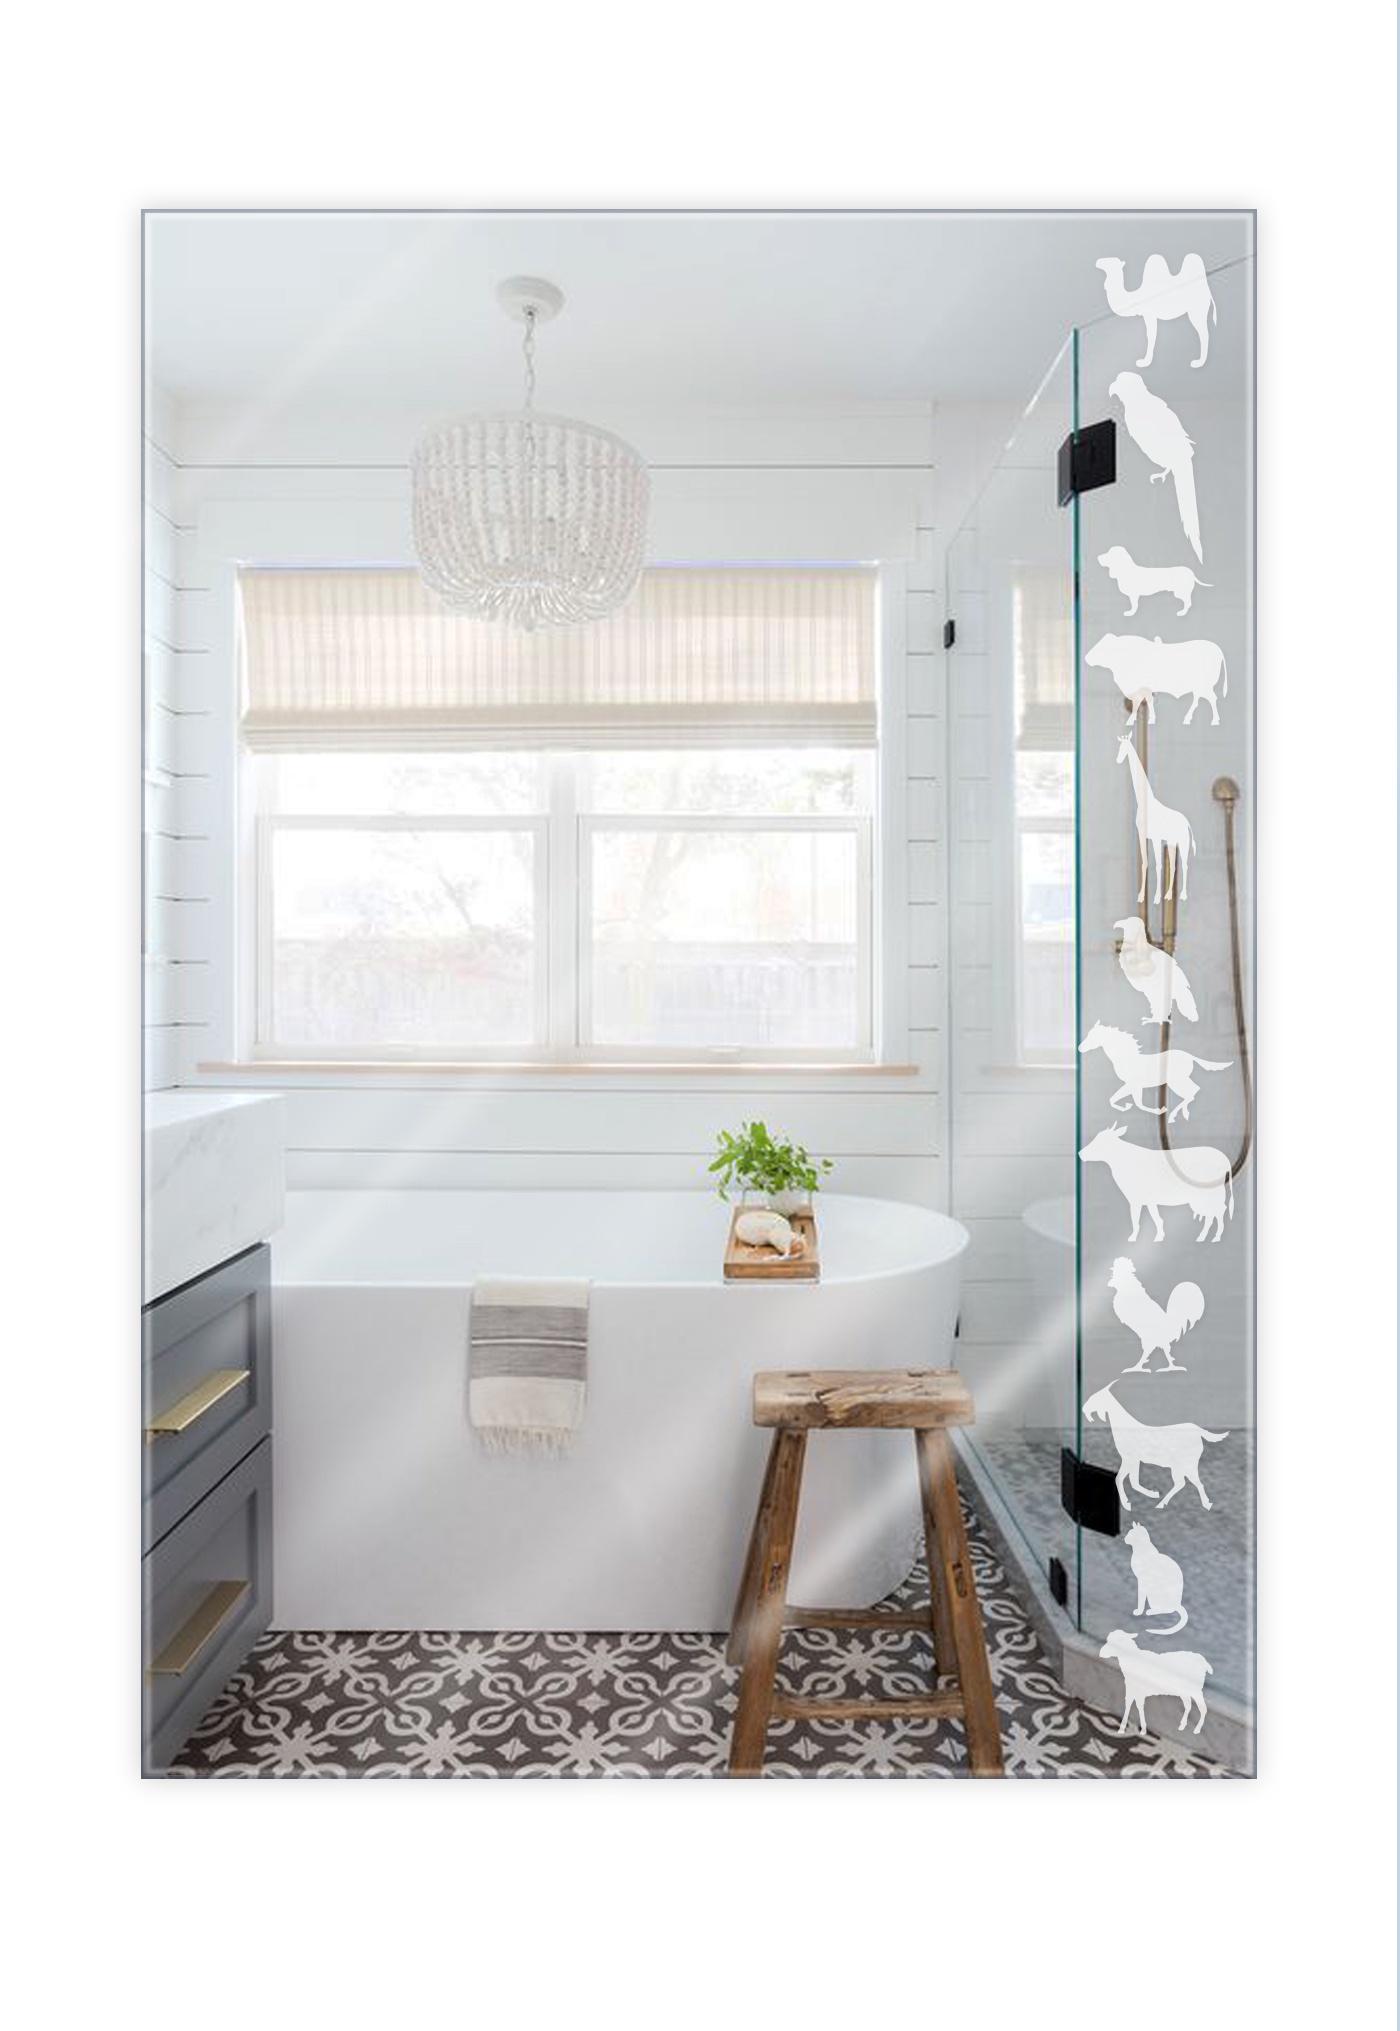 Зеркало интерьерное GoldBasket Animals, GB000374GB000374Зеркало с оригинальным рисунком животных отлично подойдёт для детской комнаты, для интерьера дачи или загородного дома и не только, размер 55 см на 40 см.Толщина зеркала 4мм толстое и прочное! Устойчиво к влаге подойдёт для ванны, так же в комплекте крепление и 2 дюбеля.